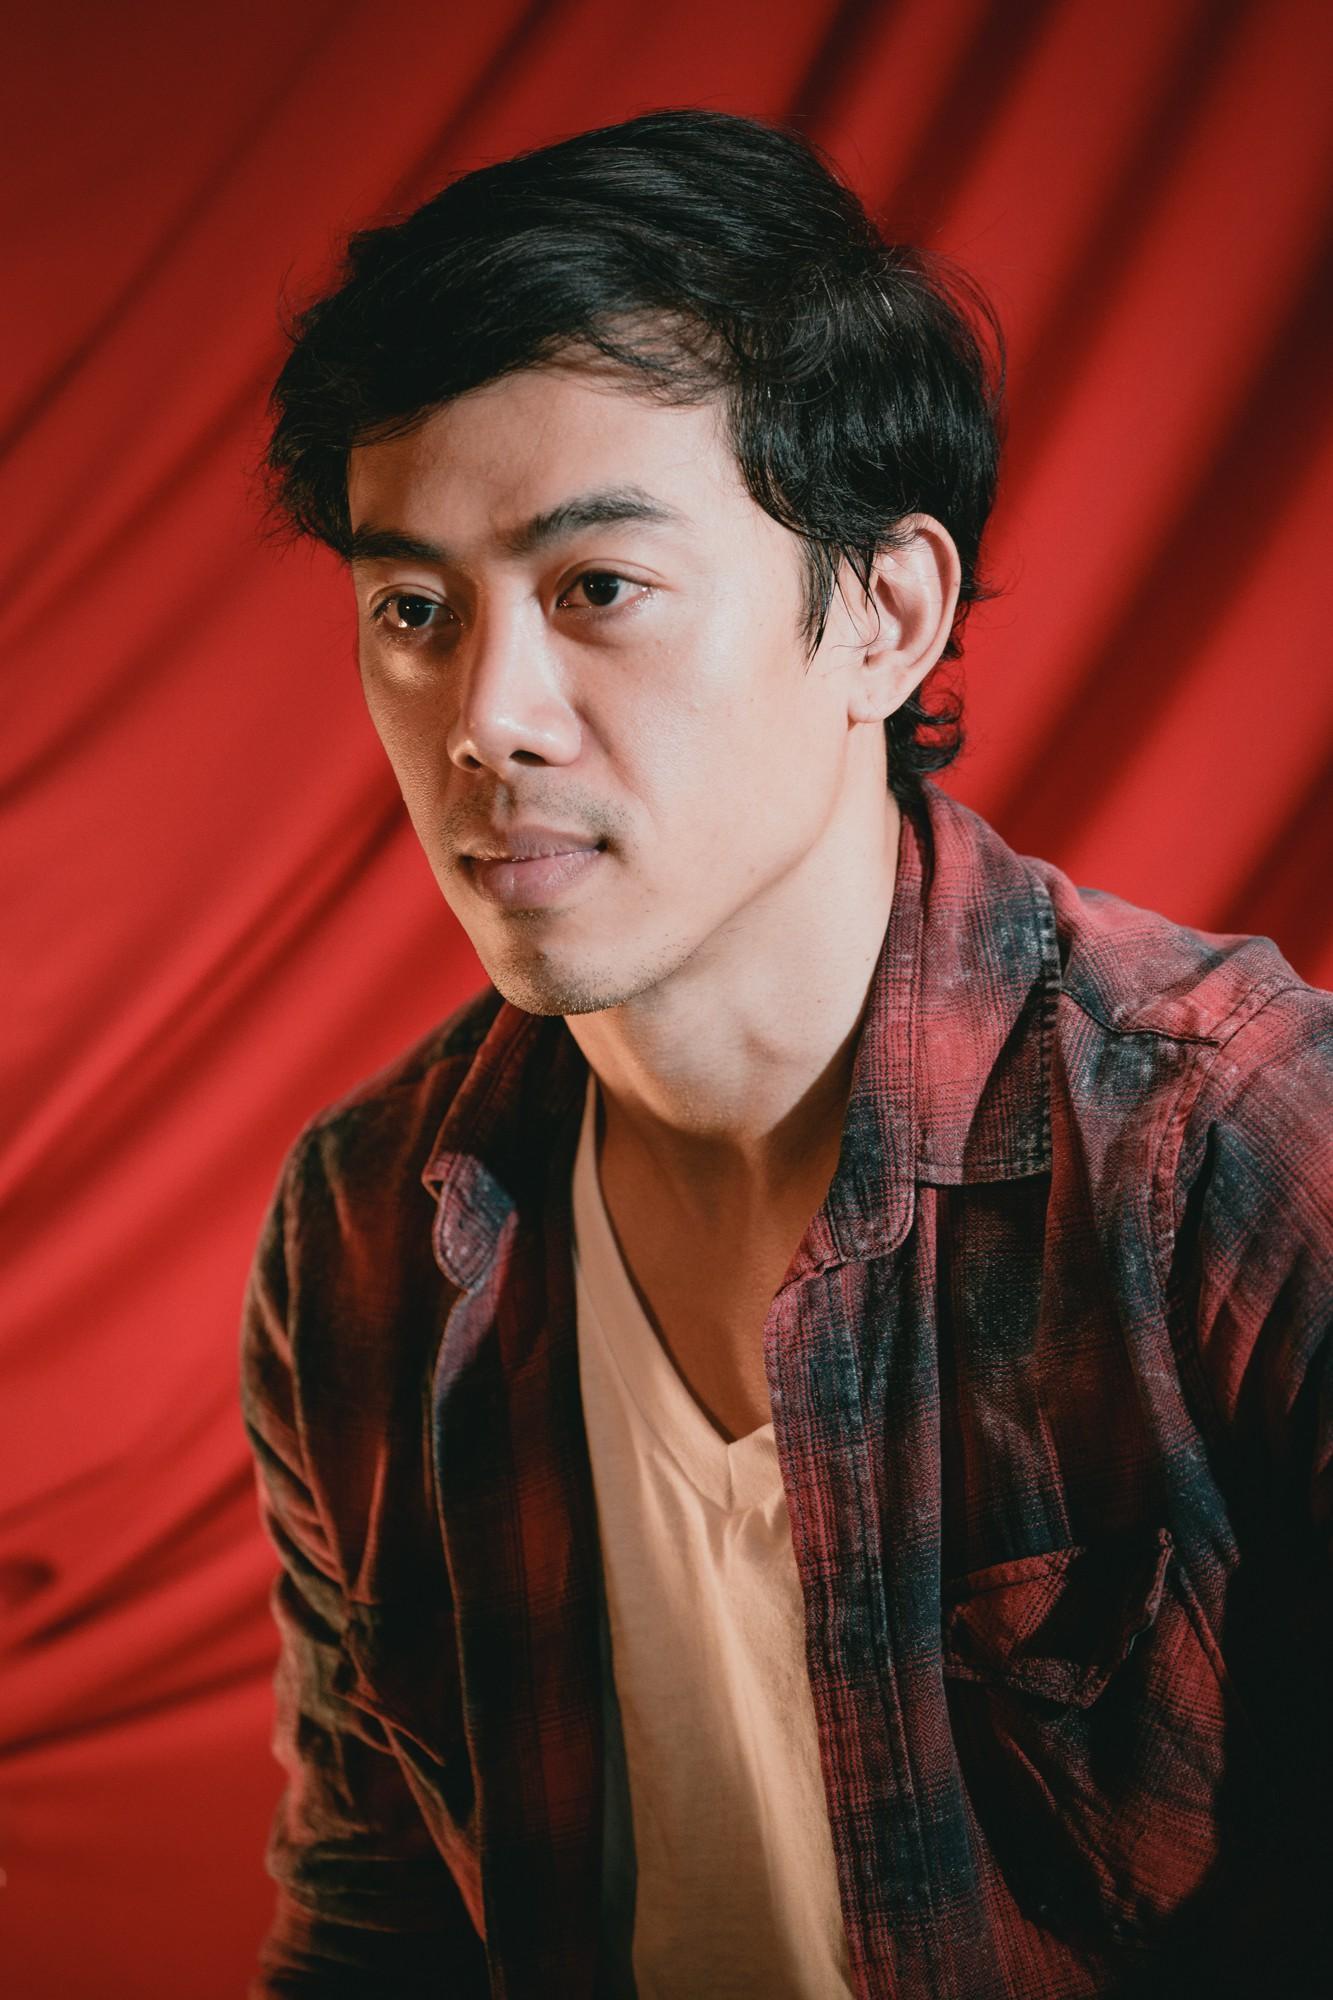 Đạo diễn Song Lang: Leon Quang Lê, người con xa xứ trót mang nợ với cải lương - Ảnh 9.